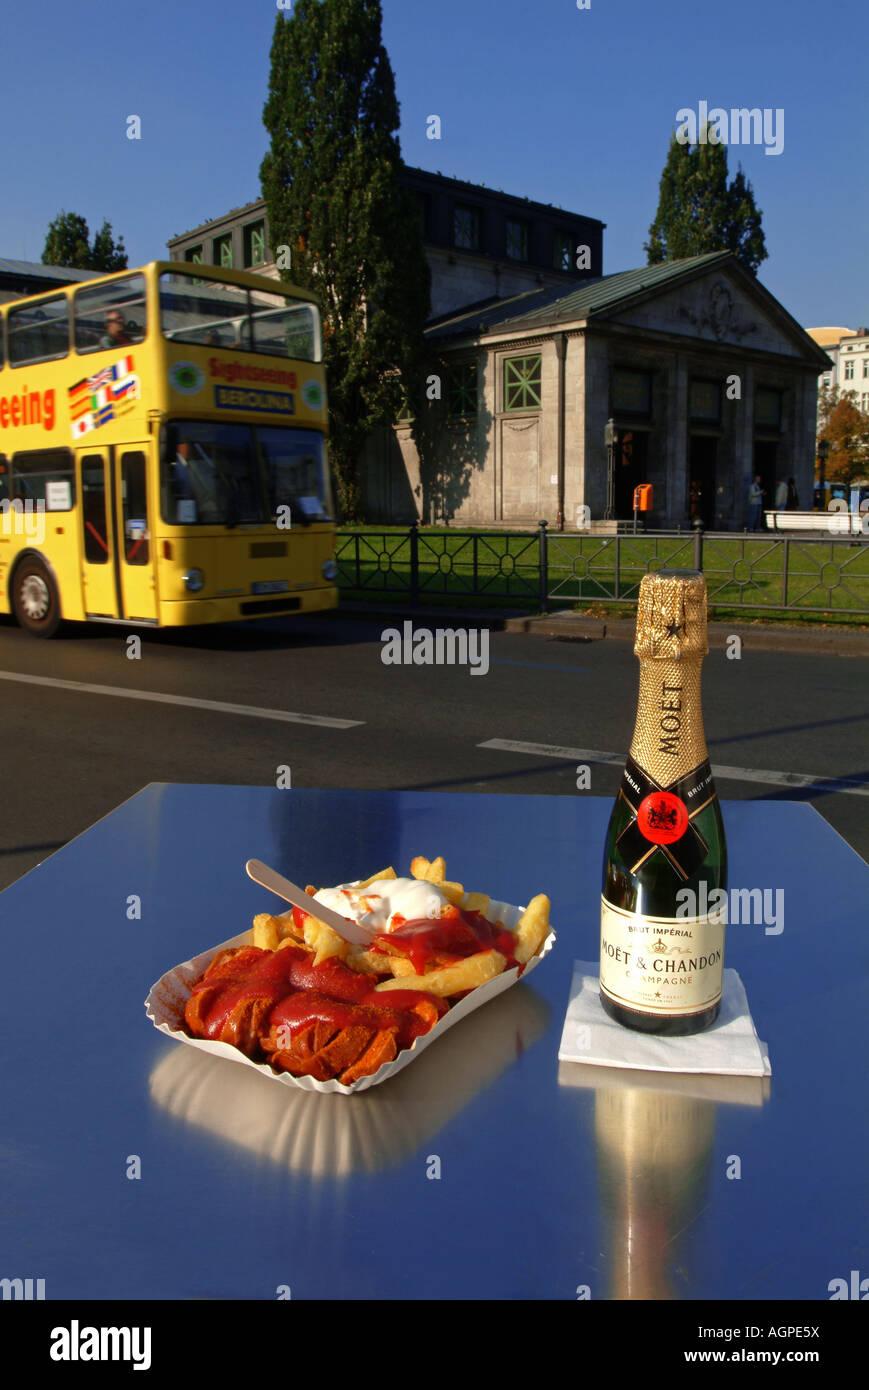 Currywurst und Pommes Frites mit Sauce in der Platte. Berlin-Delikatesse. Fast-Food. Berlin. Wittenbergplatz. Sightseeing Stockbild